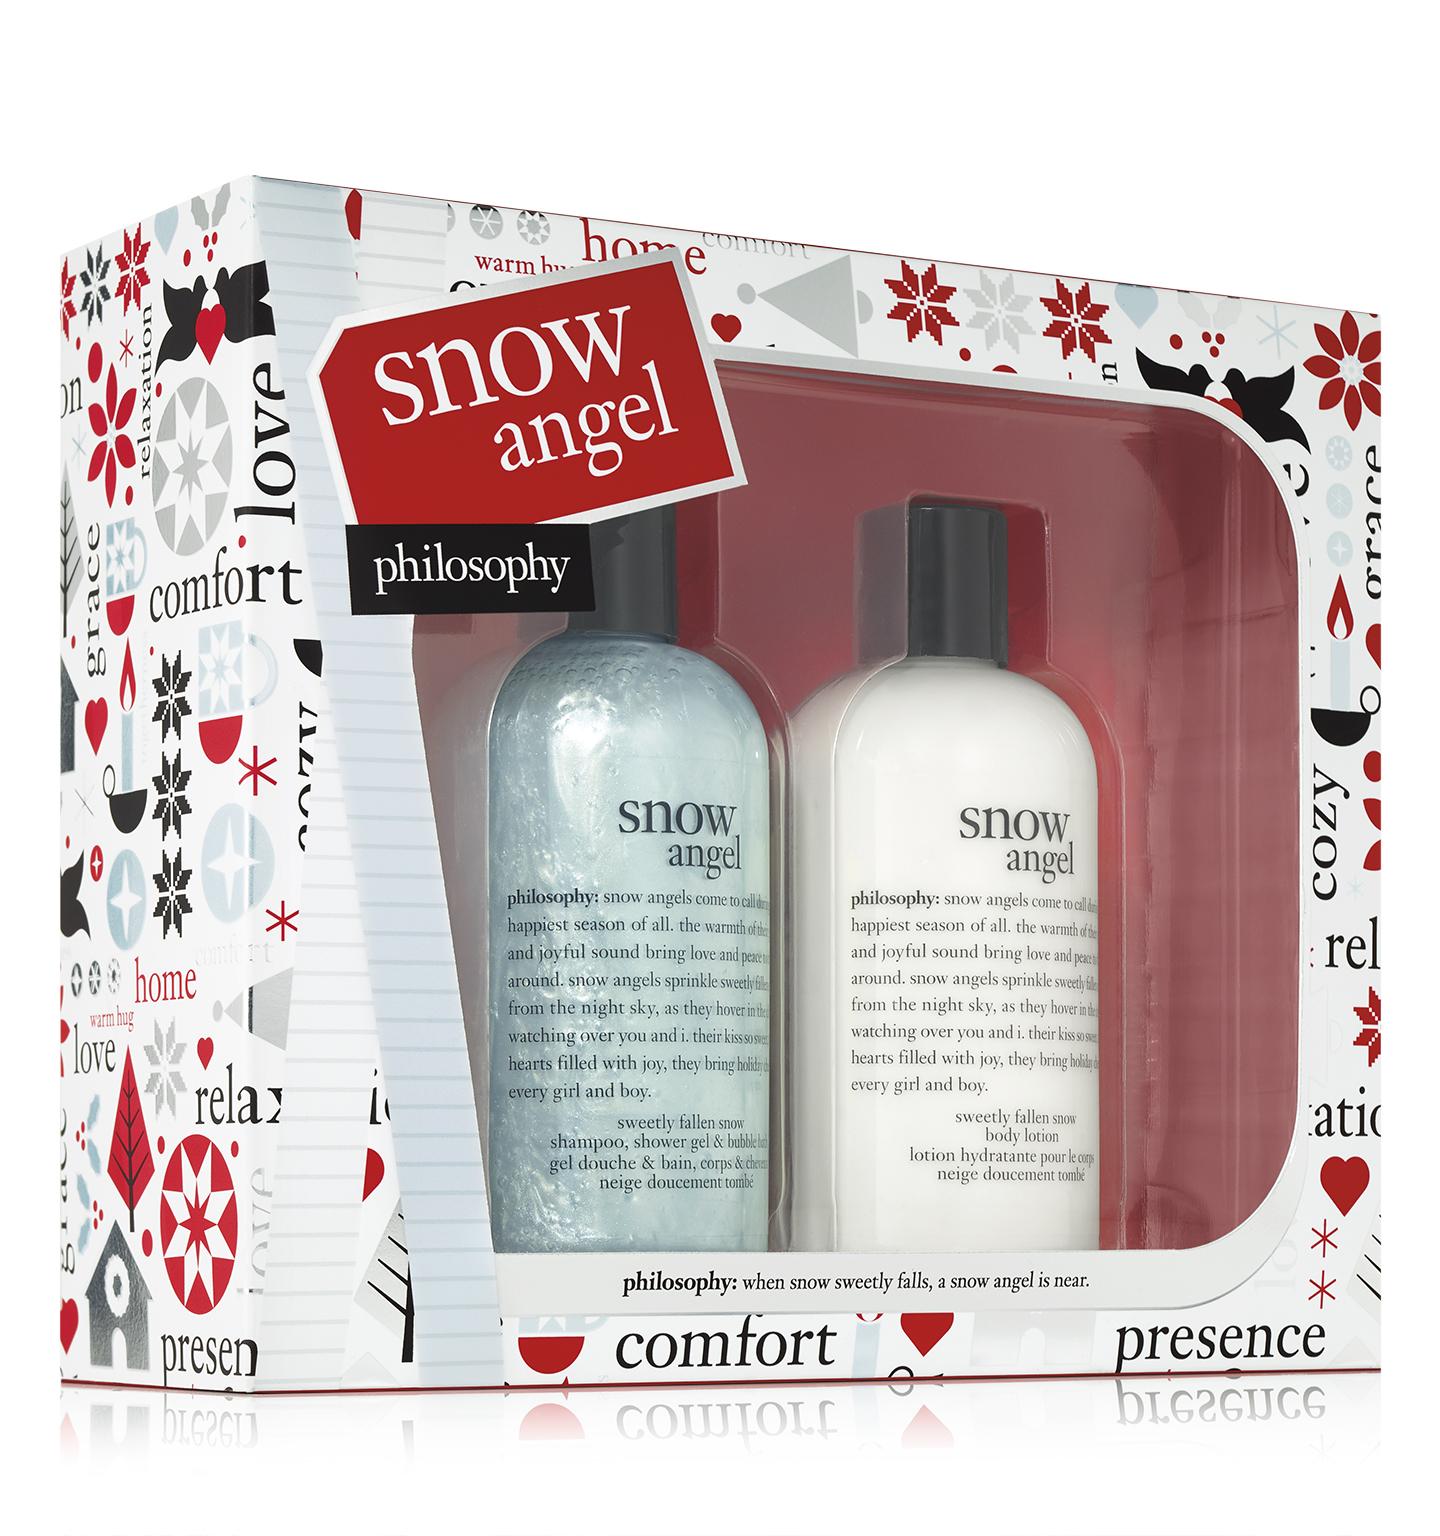 雪中精靈香氛美體組 售價NT1,000